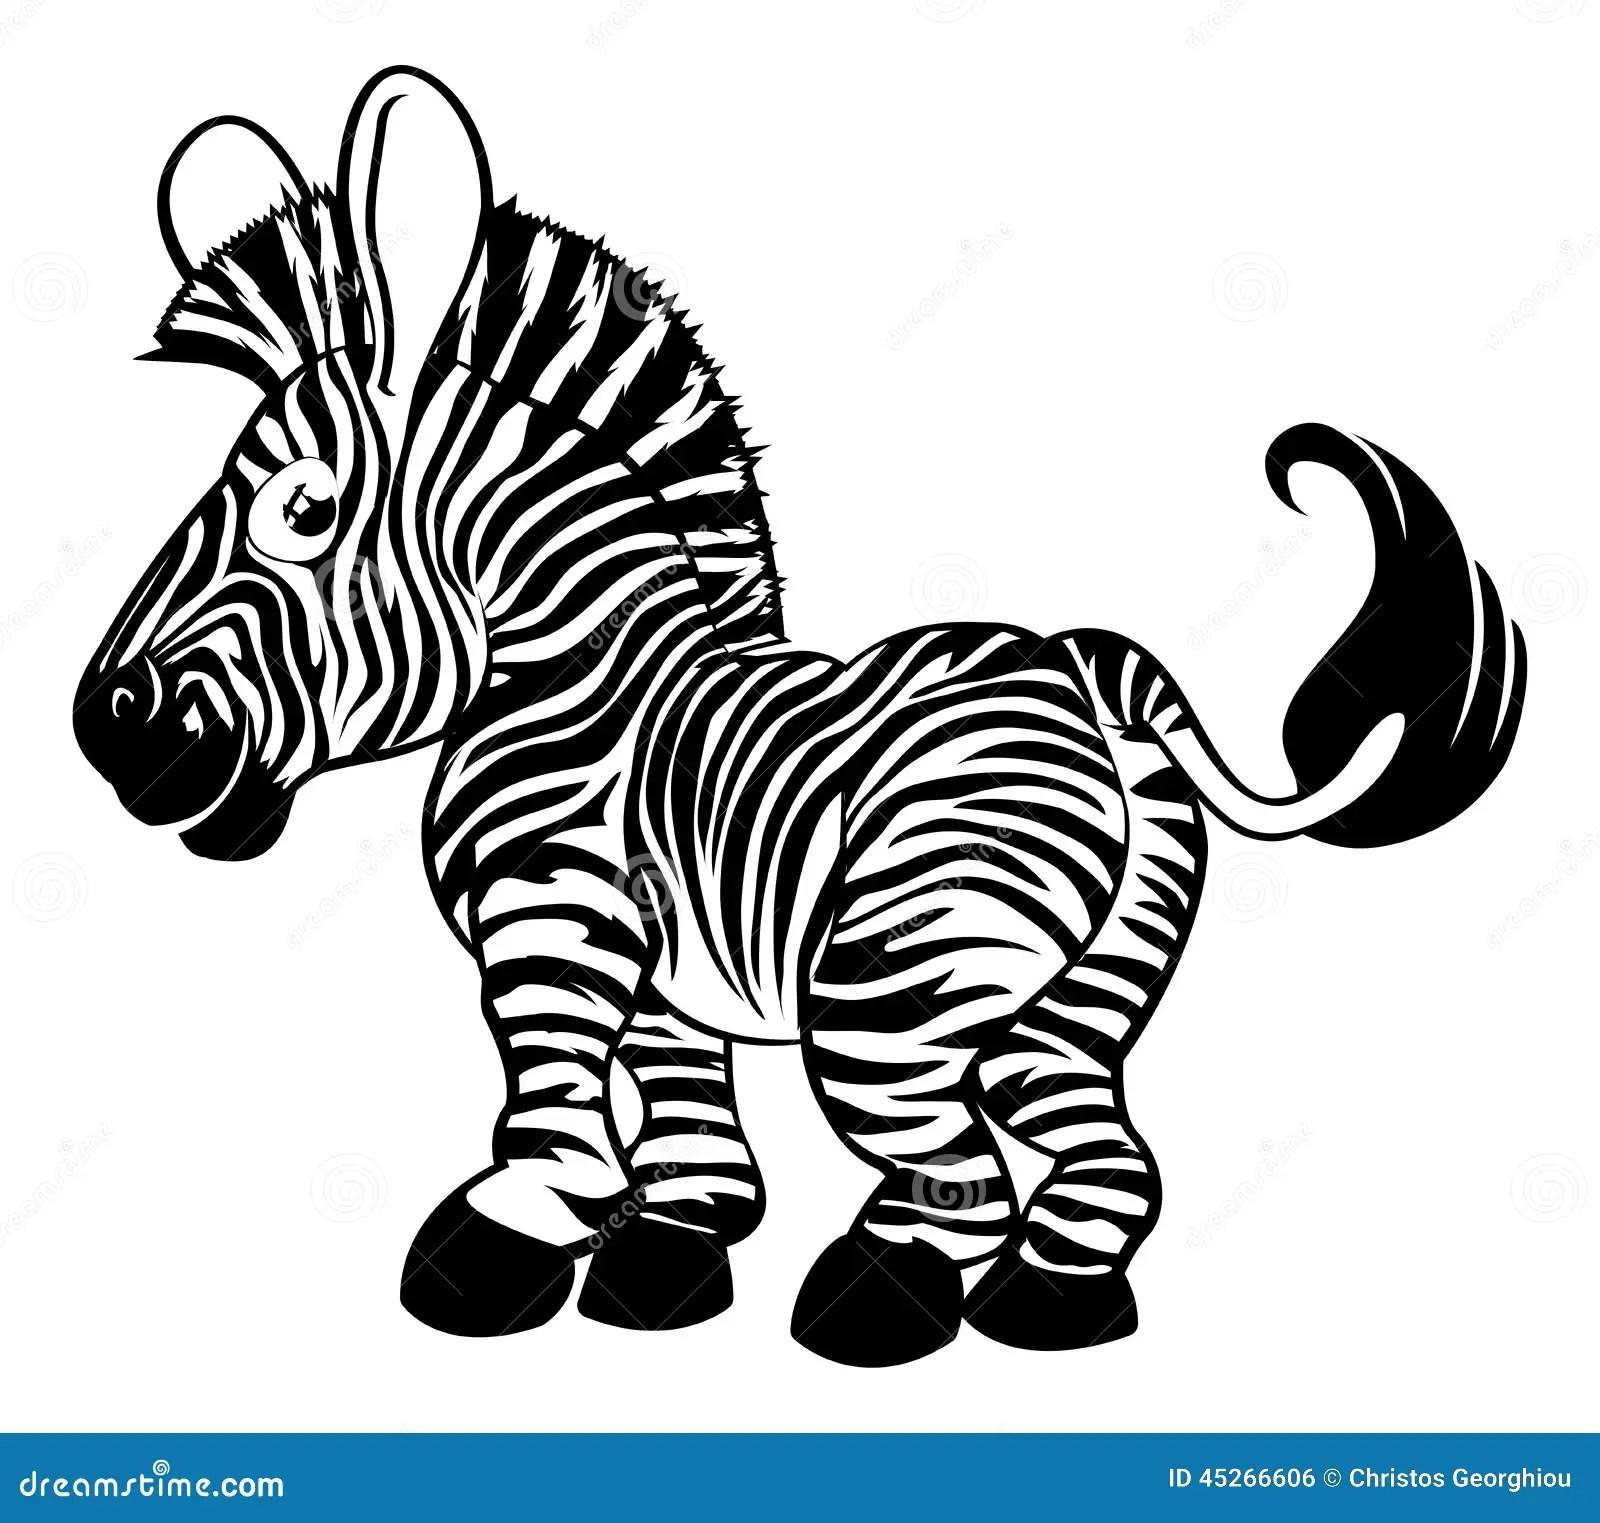 Black And White Zebra Stock Vector Illustration Of